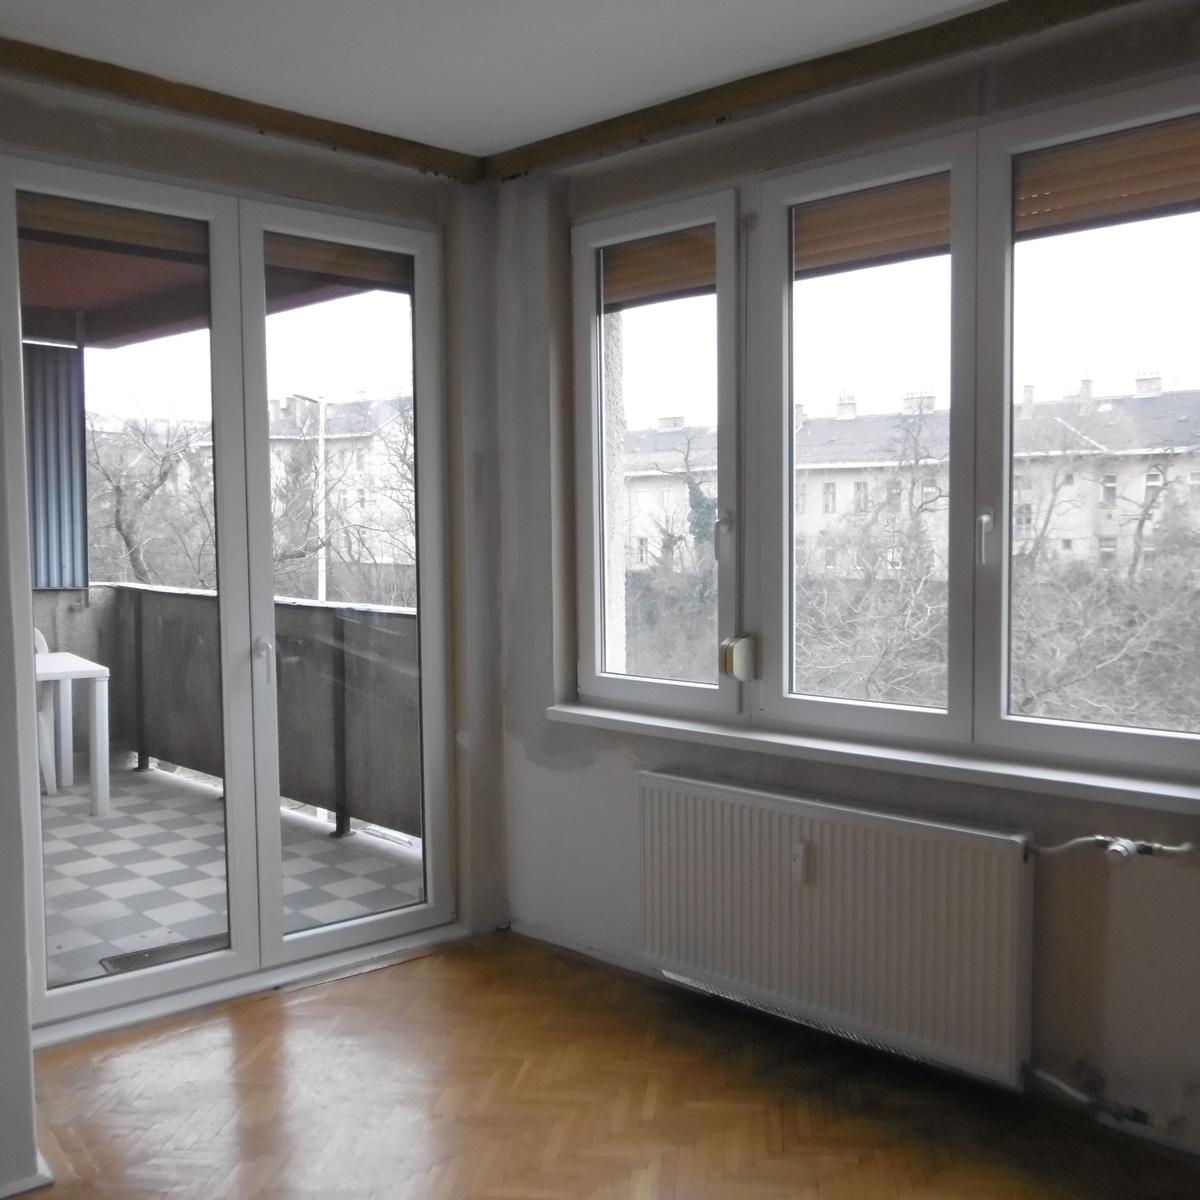 Eladó  téglalakás (Budapest, I. kerületBudapest, I. kerület, Mészáros u.) 33,9 M  Ft